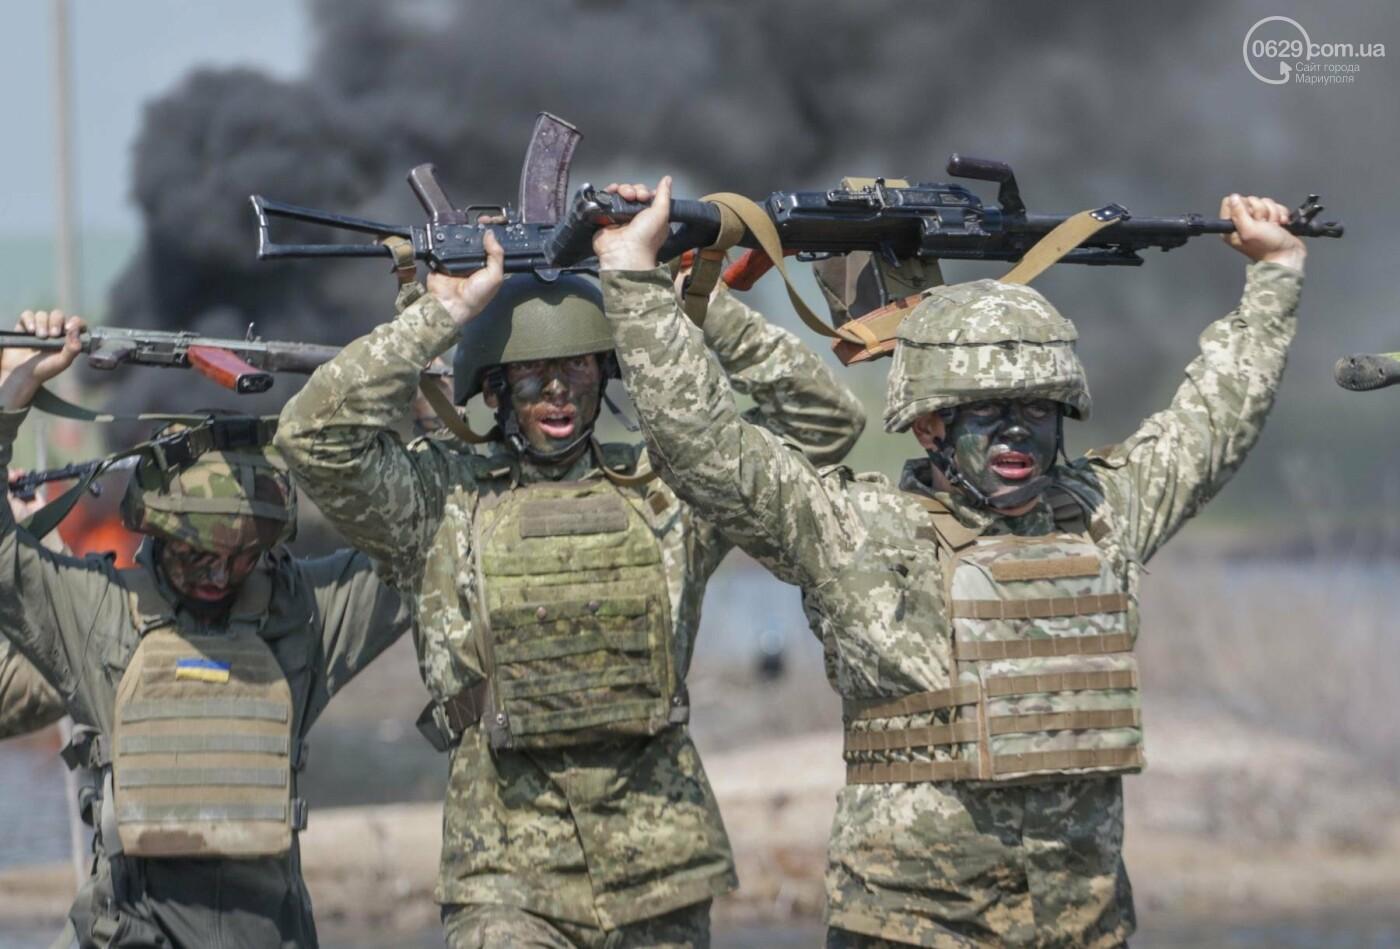 Под Мариуполем девушки-военнослужащие преодолели «полосу морпеха», - ФОТОРЕПОРТАЖ, фото-1